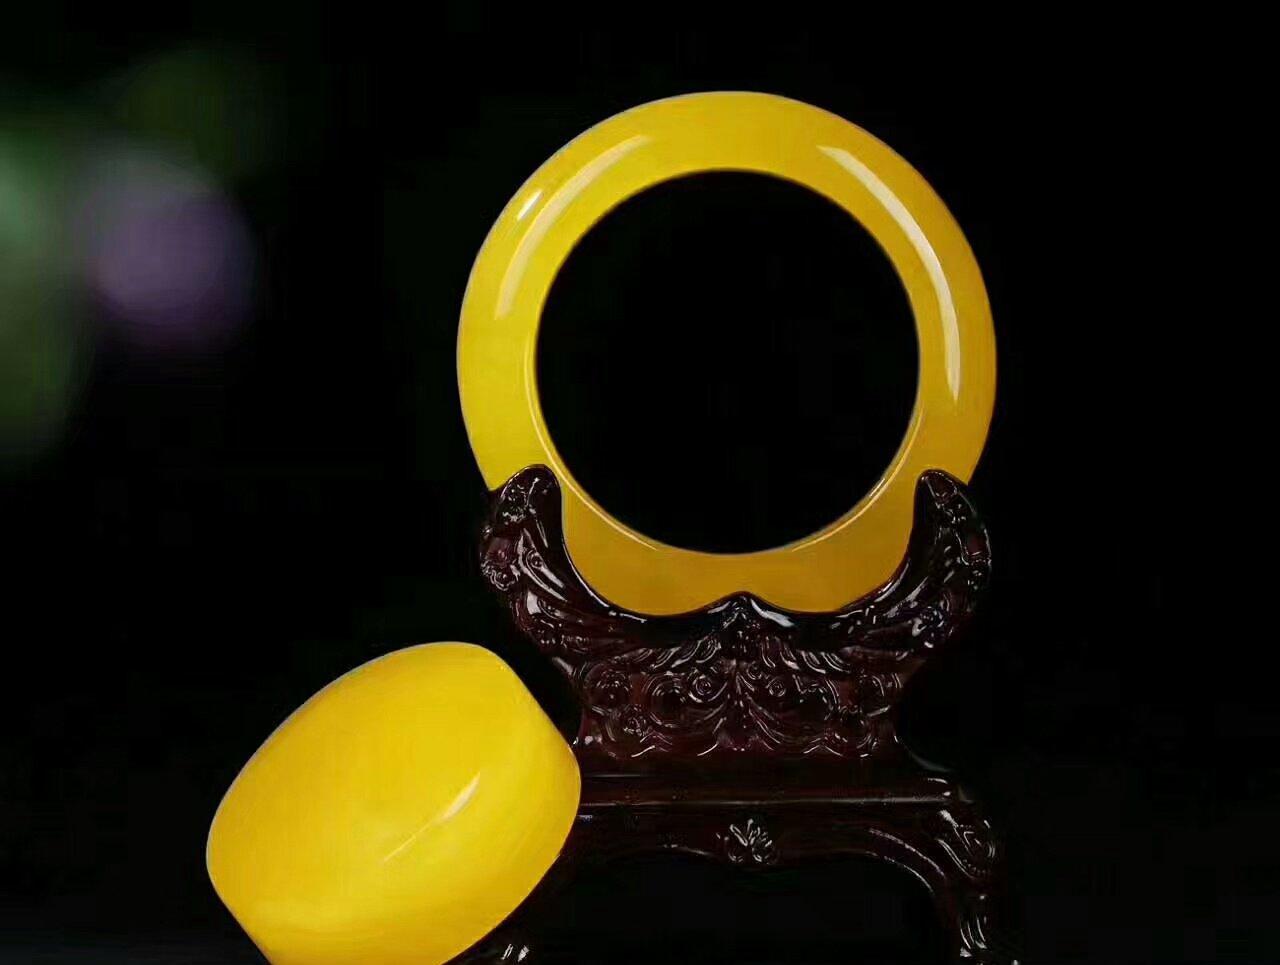 鸡油黄蜜蜡手镯价格  鸡油黄蜜蜡手镯有什么特点?